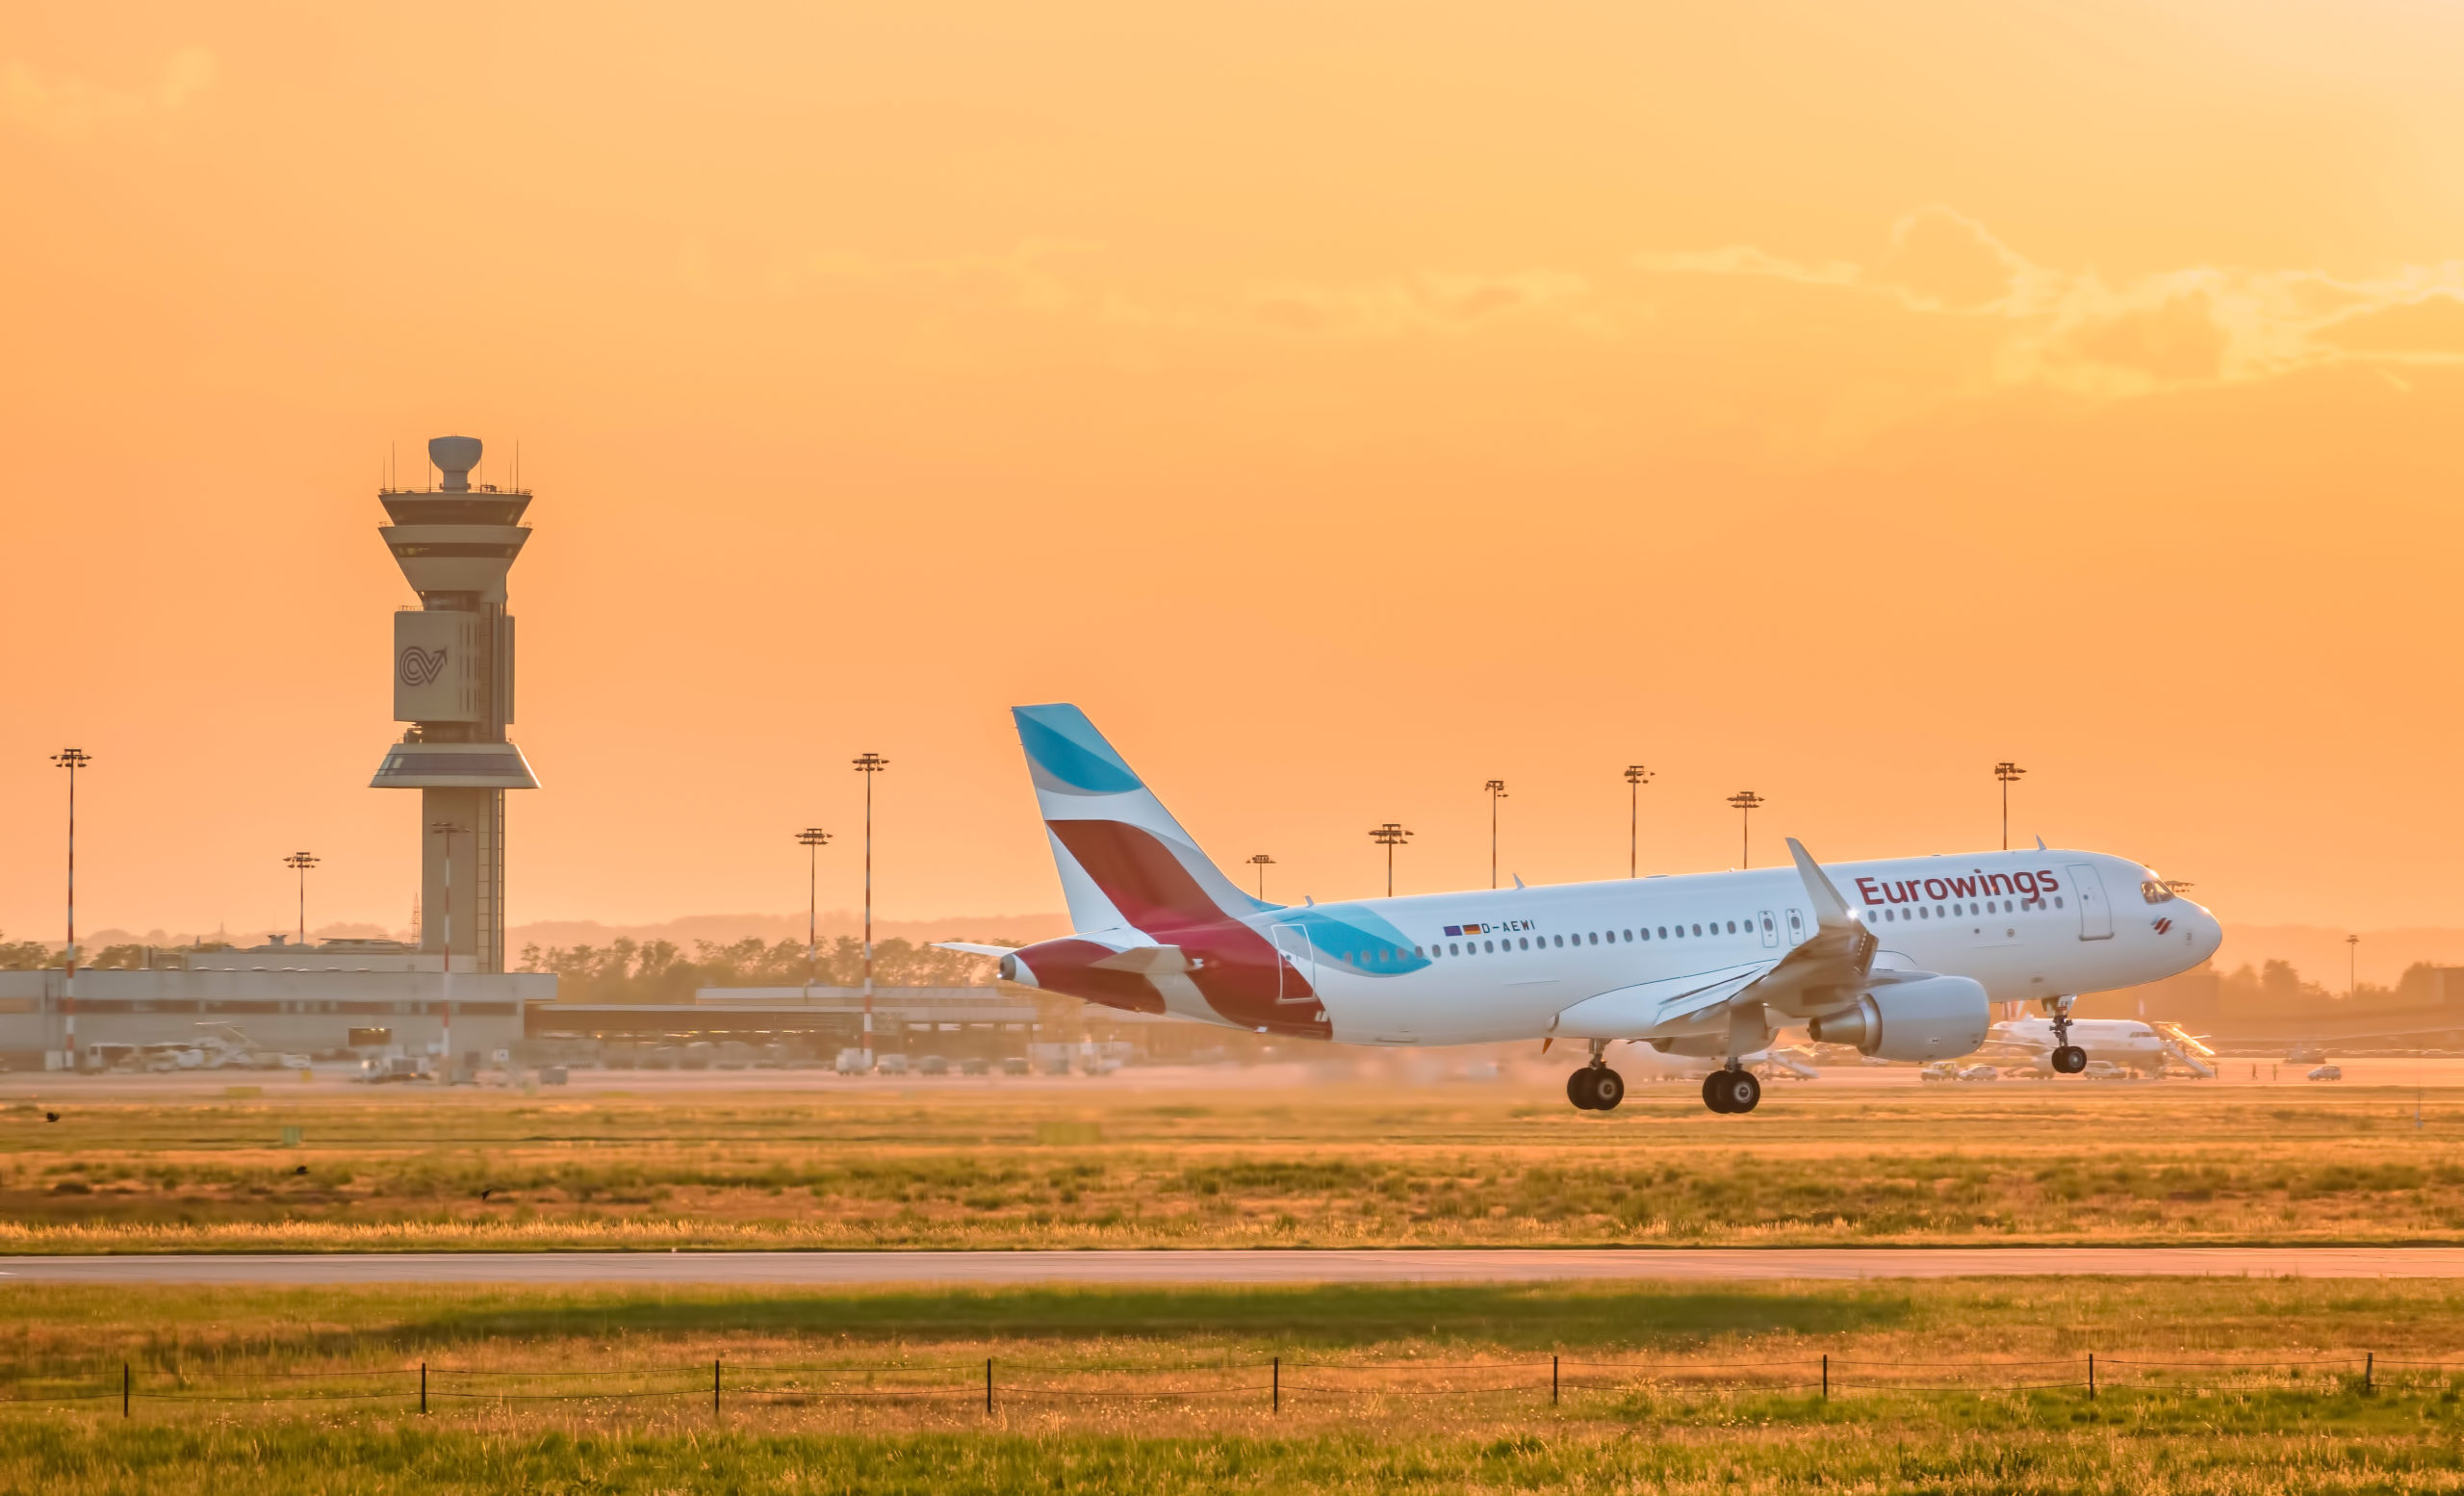 Bild von EWAG A320 in der Sonne